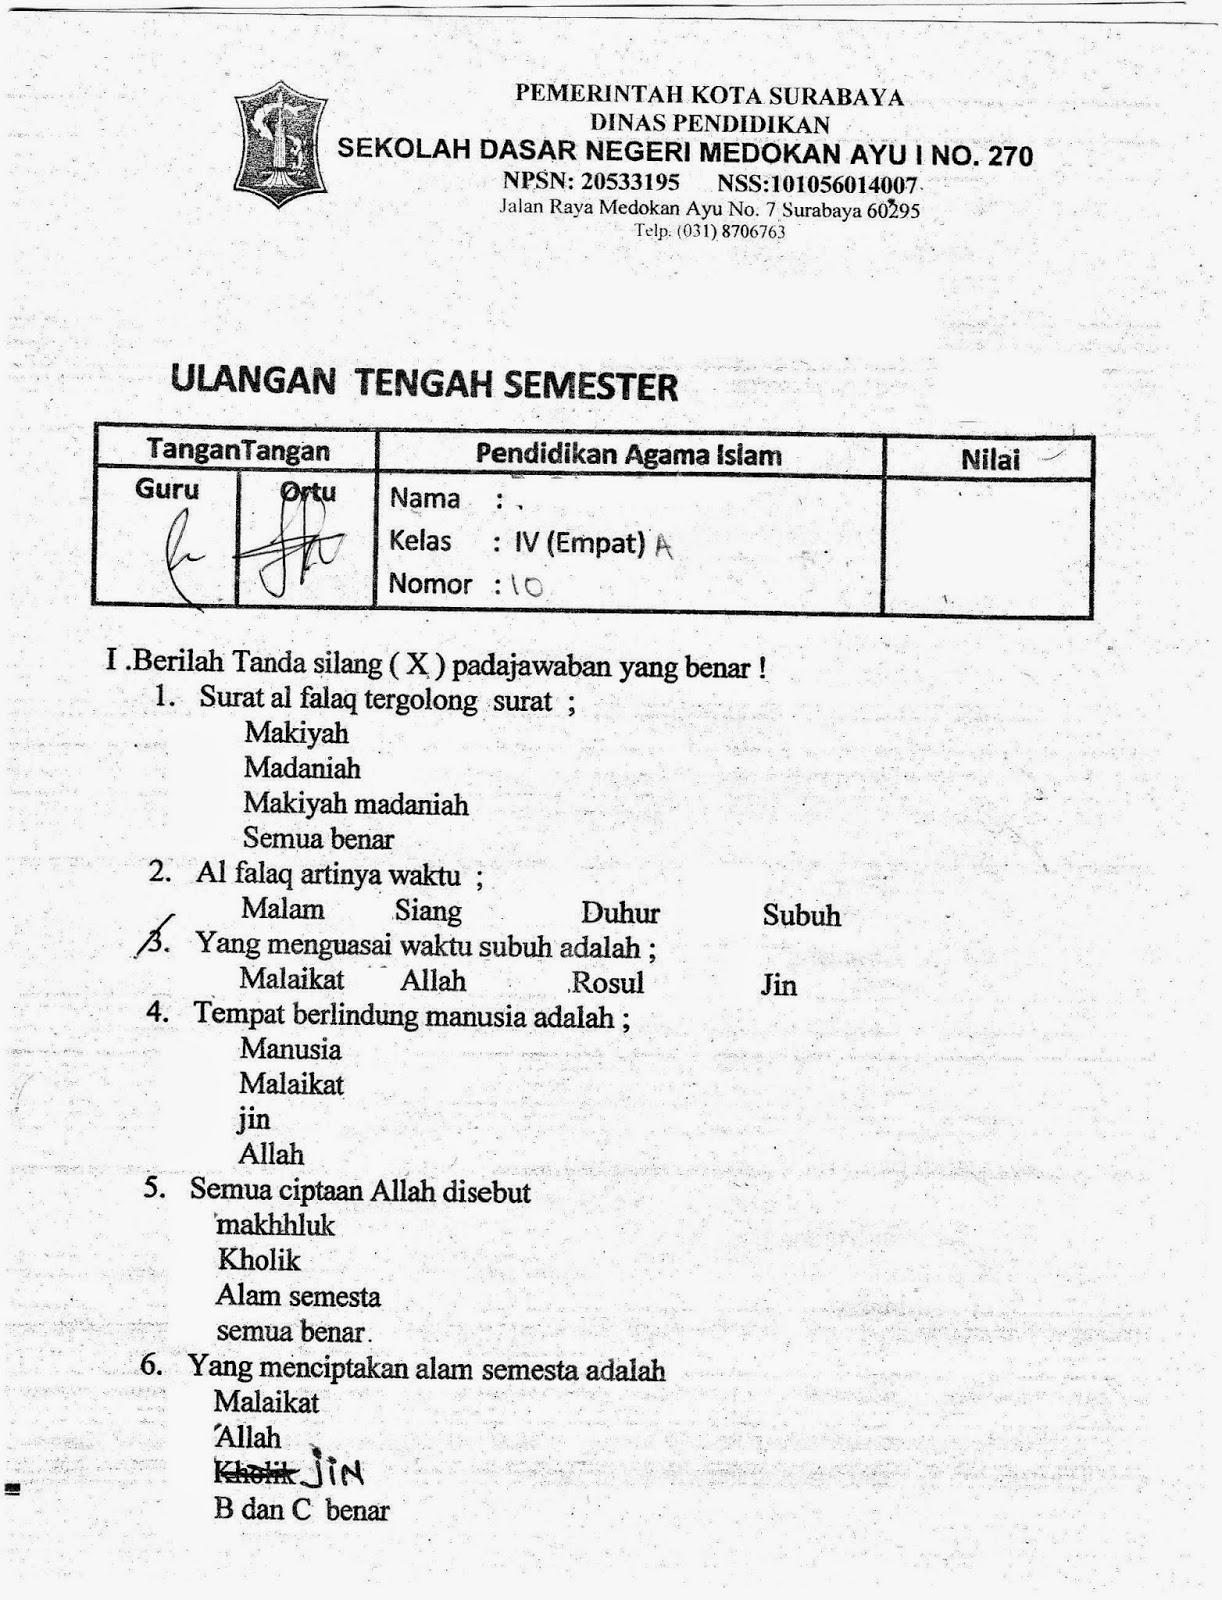 Soal PTS Pendidikan Agama Islam Kelas 1 Semester 2 Kurikulum...